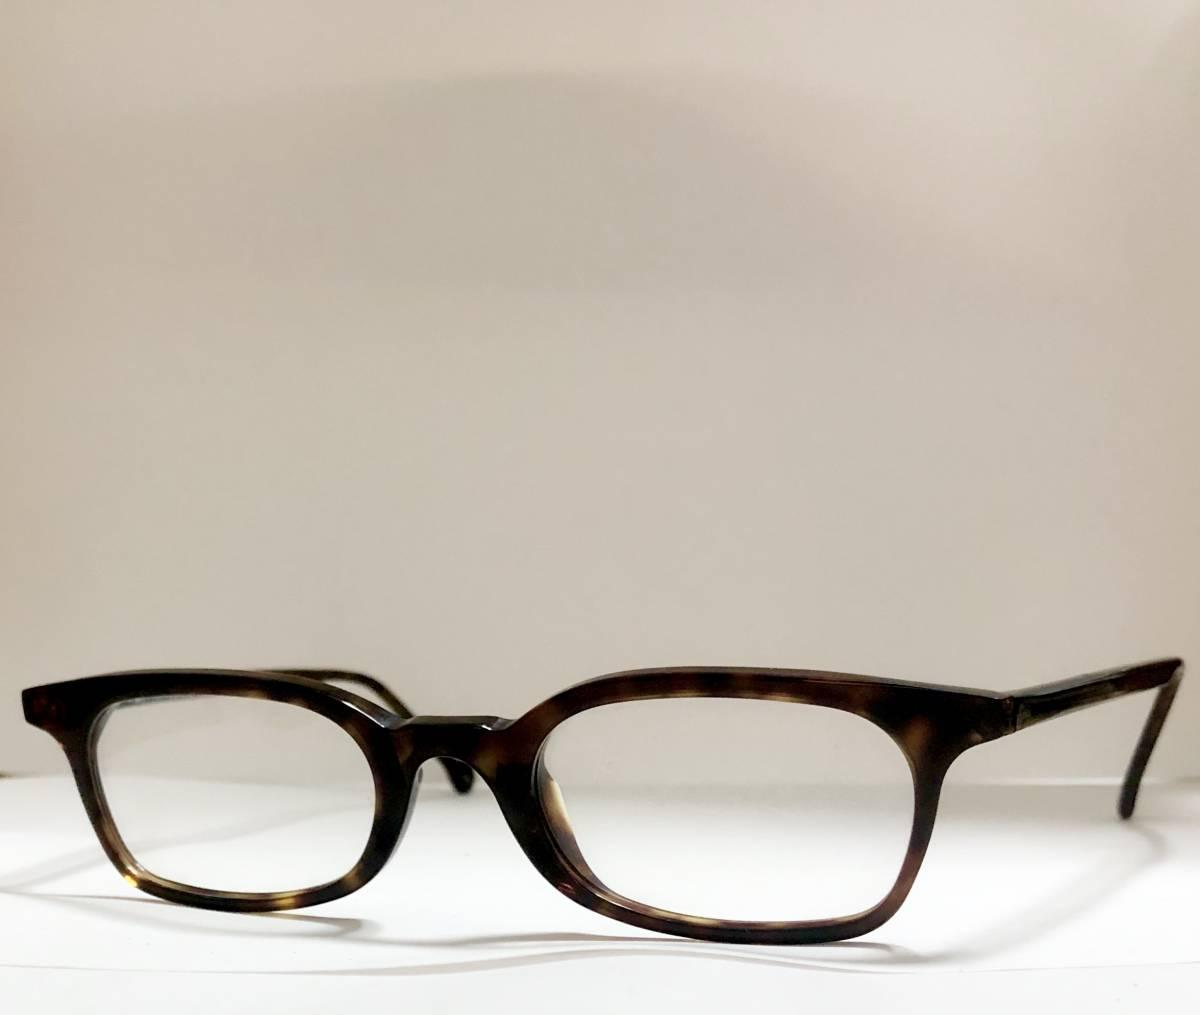 ビンテージ・未使用】1990年代 l.a. Eyeworks イタリア製 べっ甲色 高級メガネ エルエーアイワークス /ヴィンテージ 米国ブランド_画像3